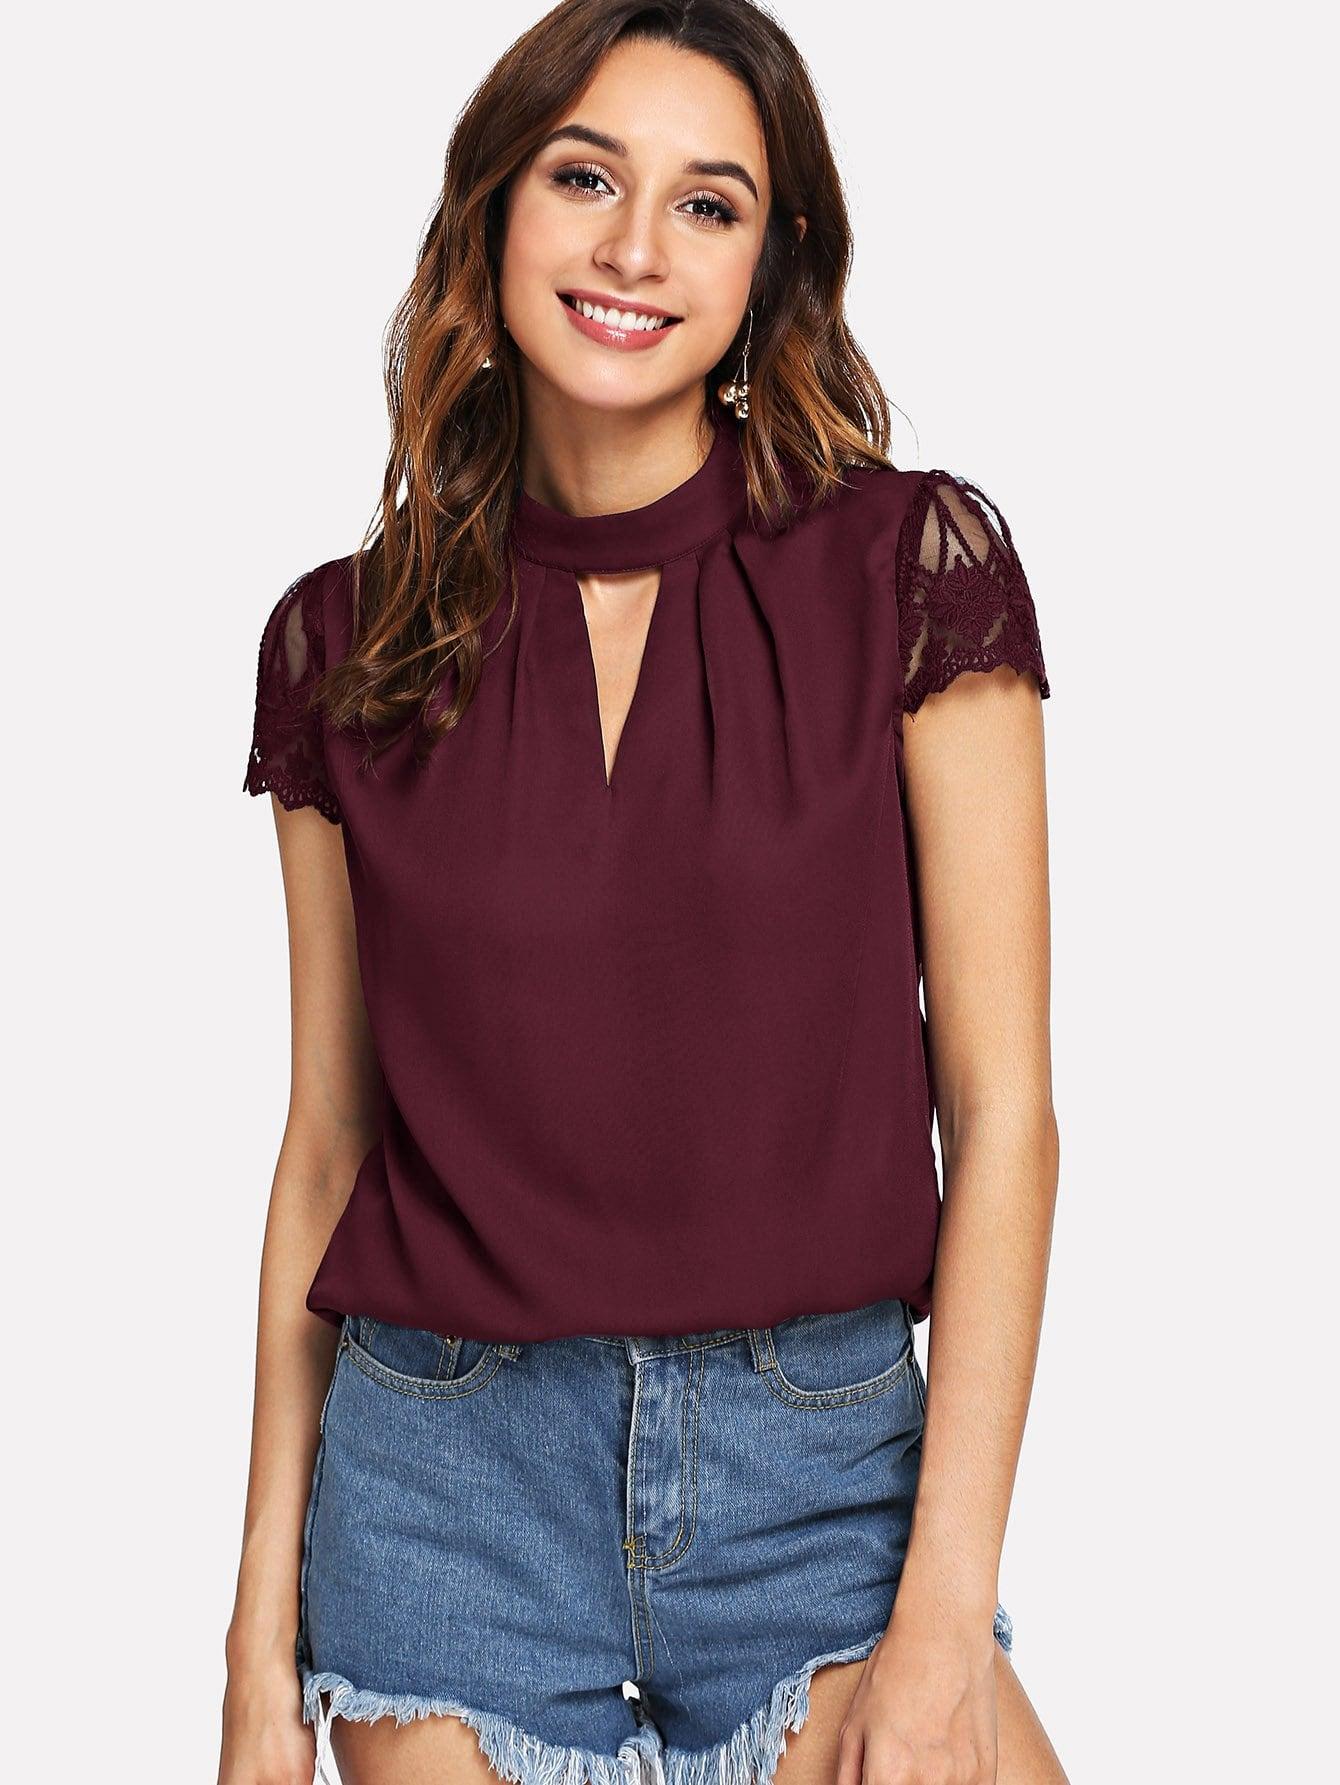 Купить Блузка с кружевным рукавом с v-образным вырезом, Mary P., SheIn